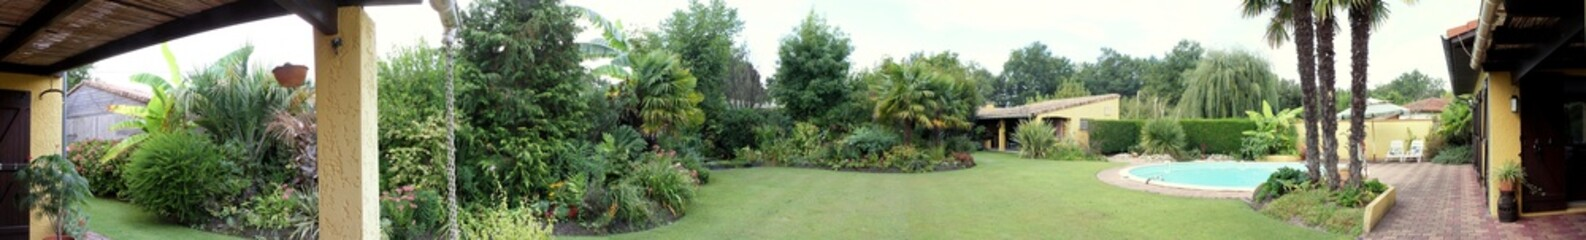 panorama jardin exotique avec piscine